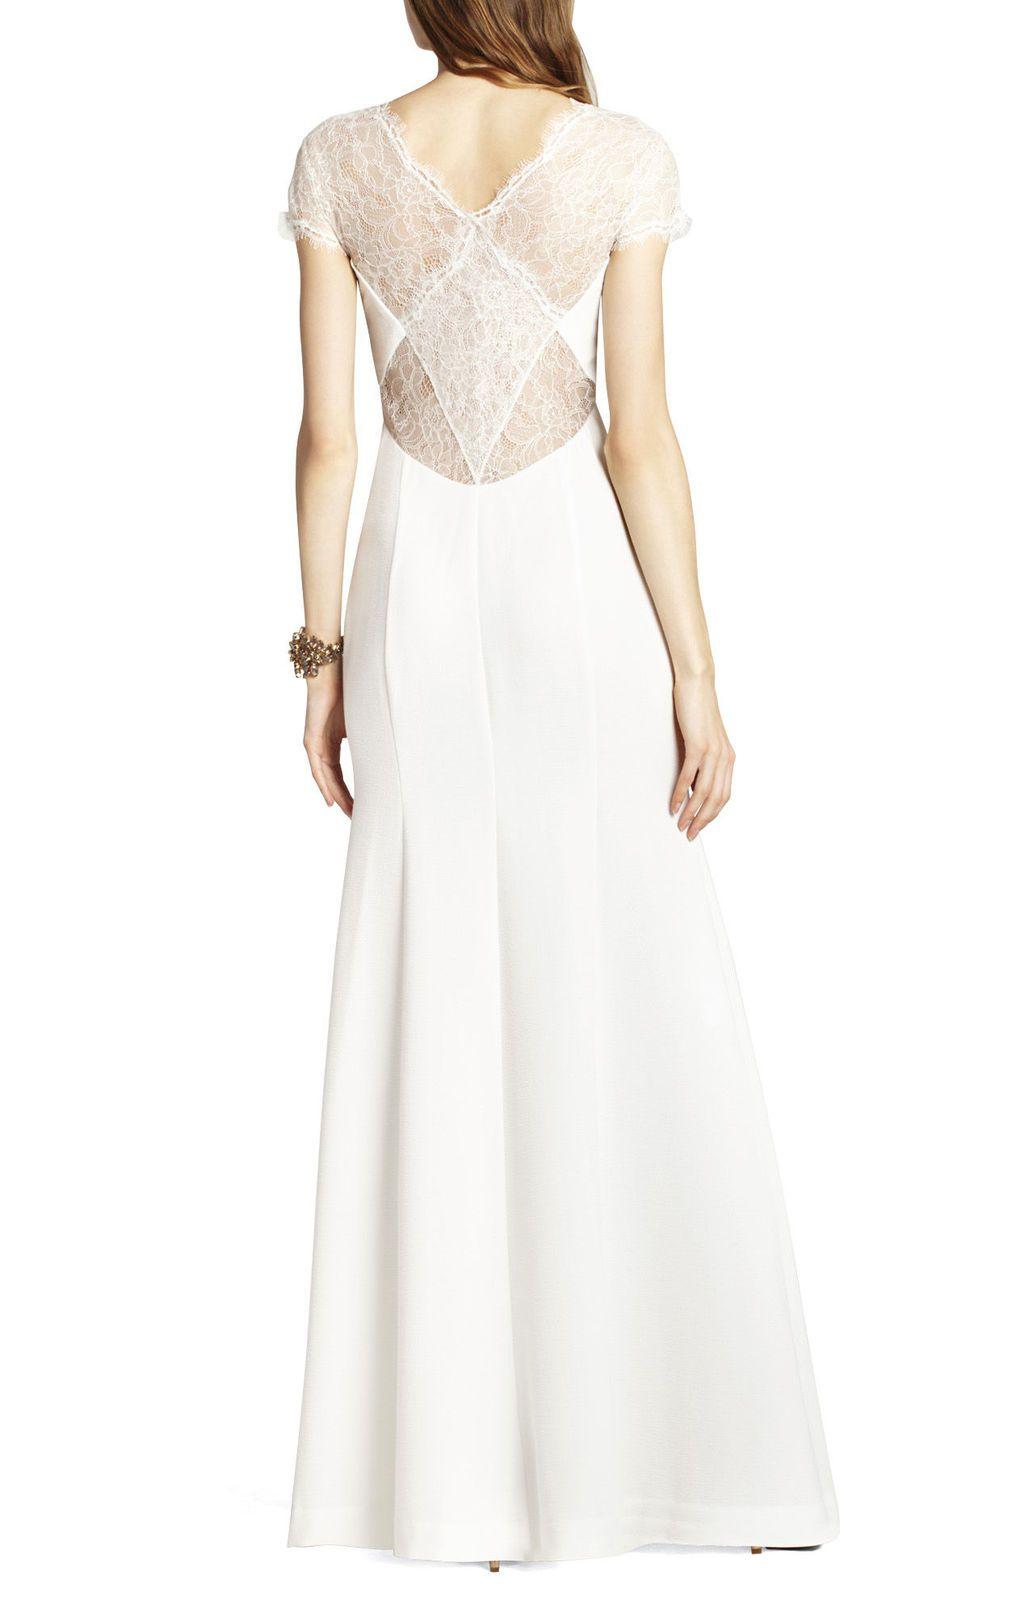 Bcbg Wedding Dress Max Azria Bridal 2 Onewed Com Evening